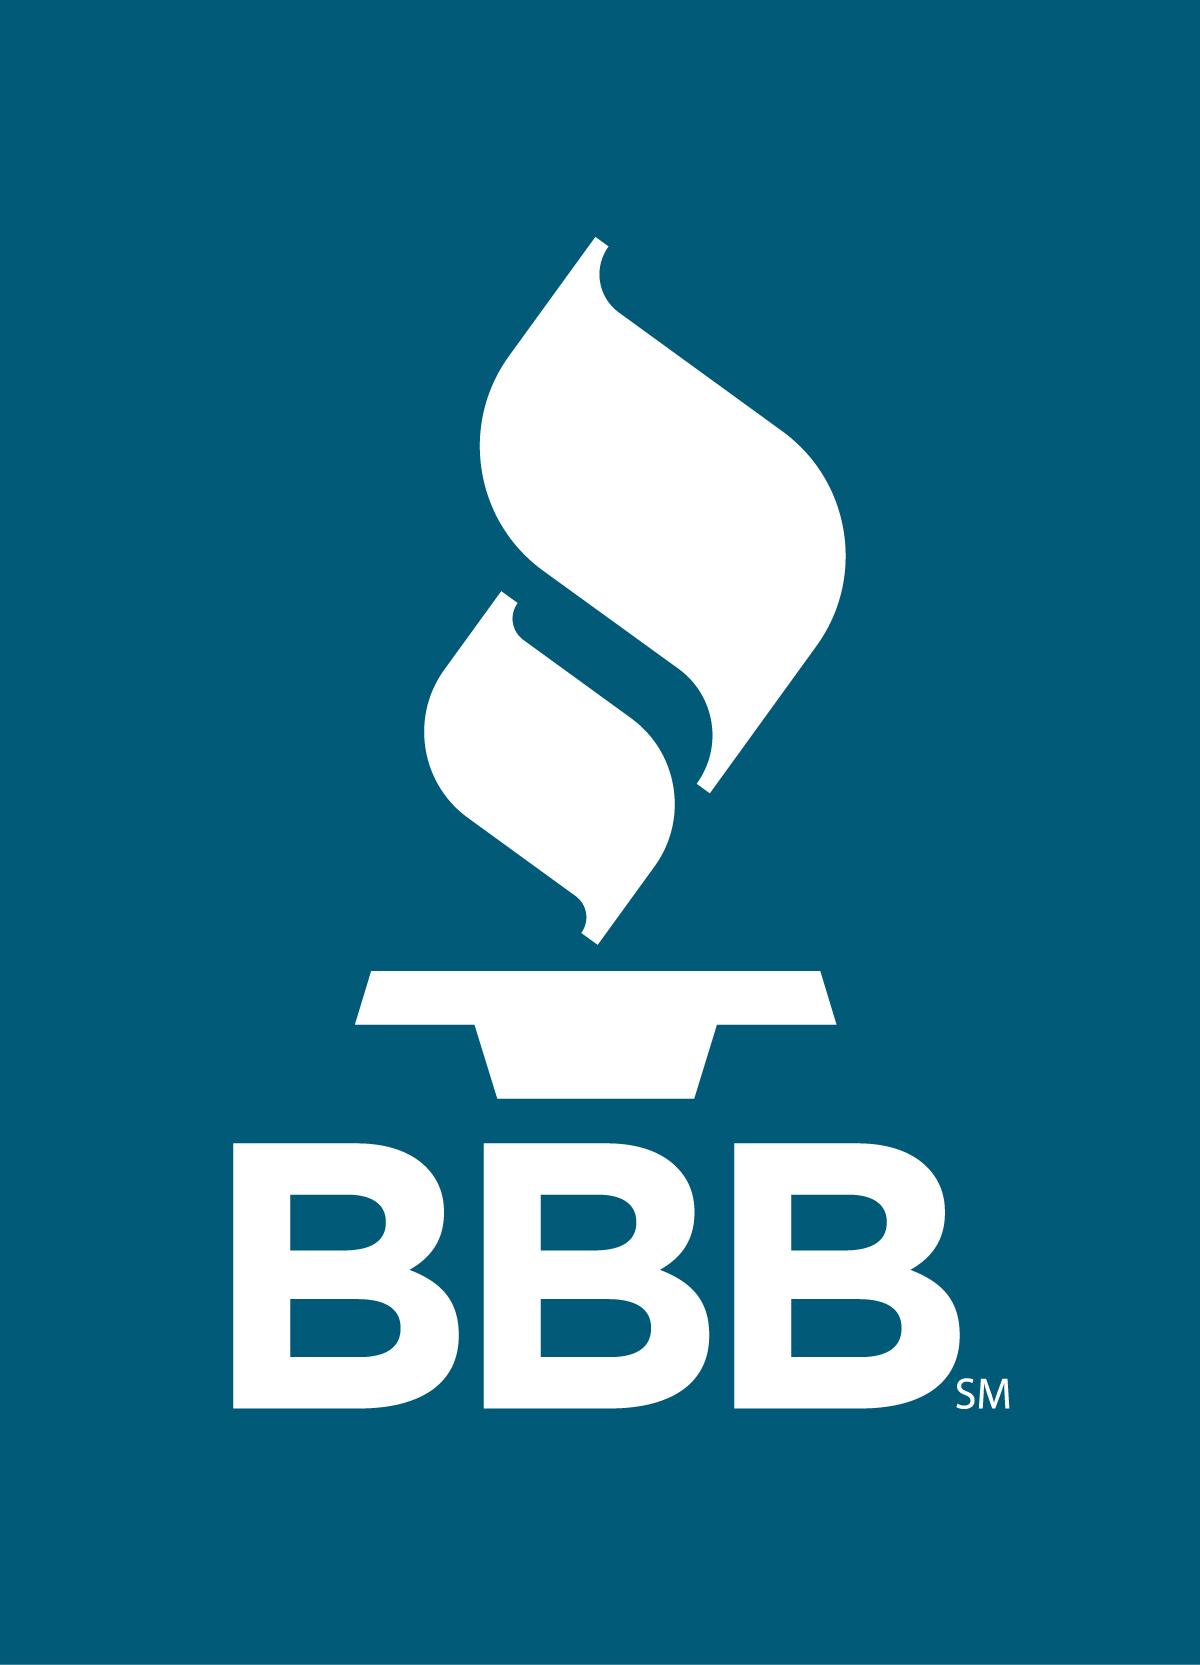 BBB_logo-white-on-blue